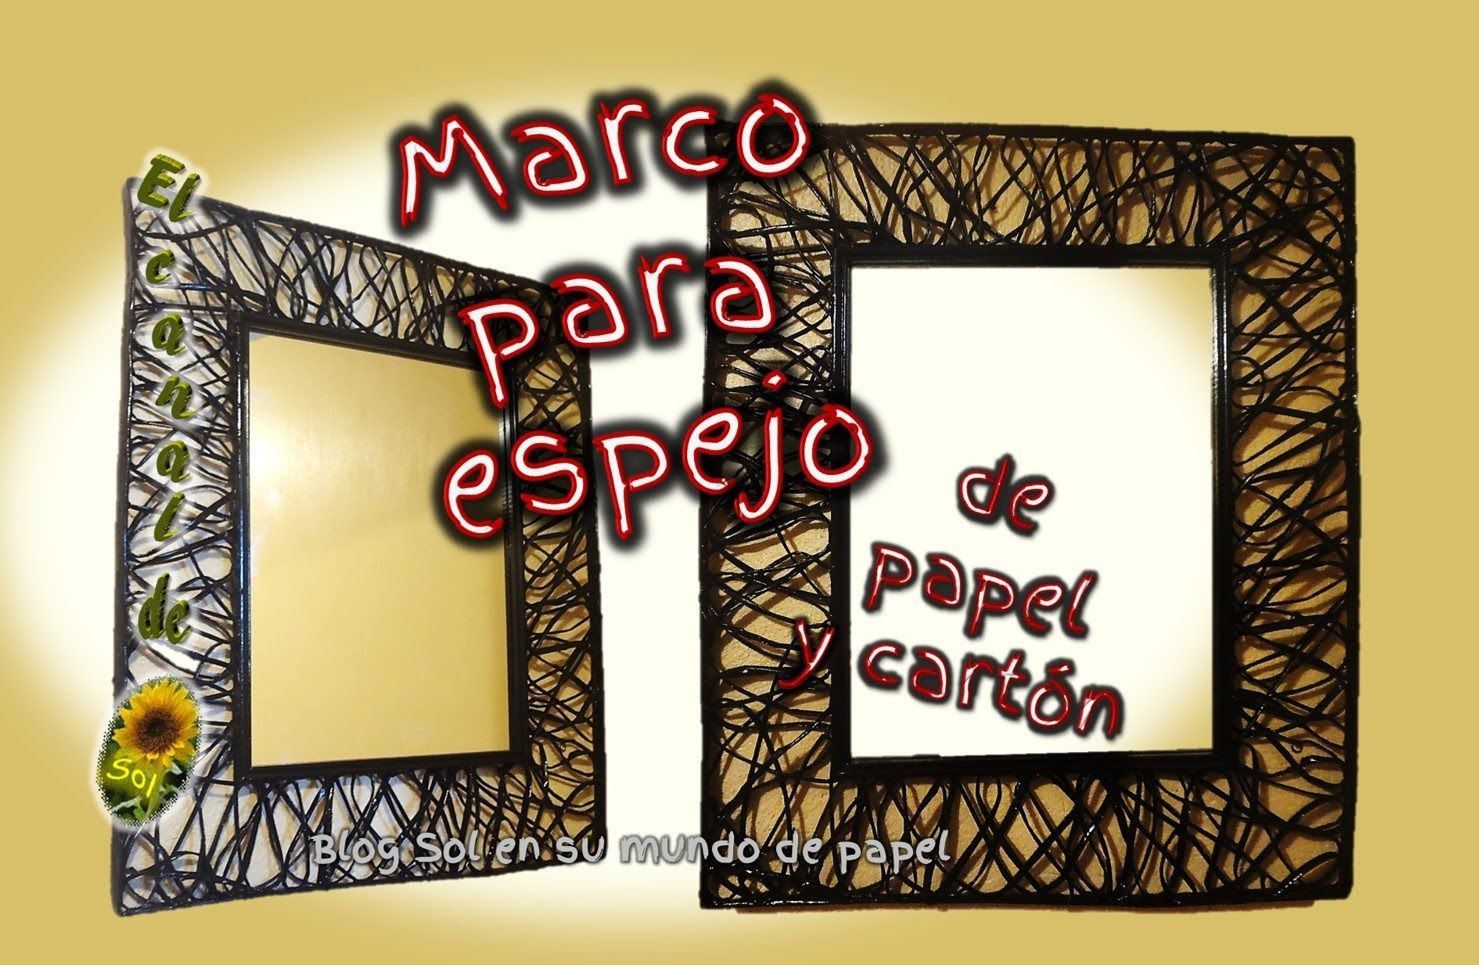 Marco para espejo de papel y cart n mirror frame for Marcos para espejos artesanales